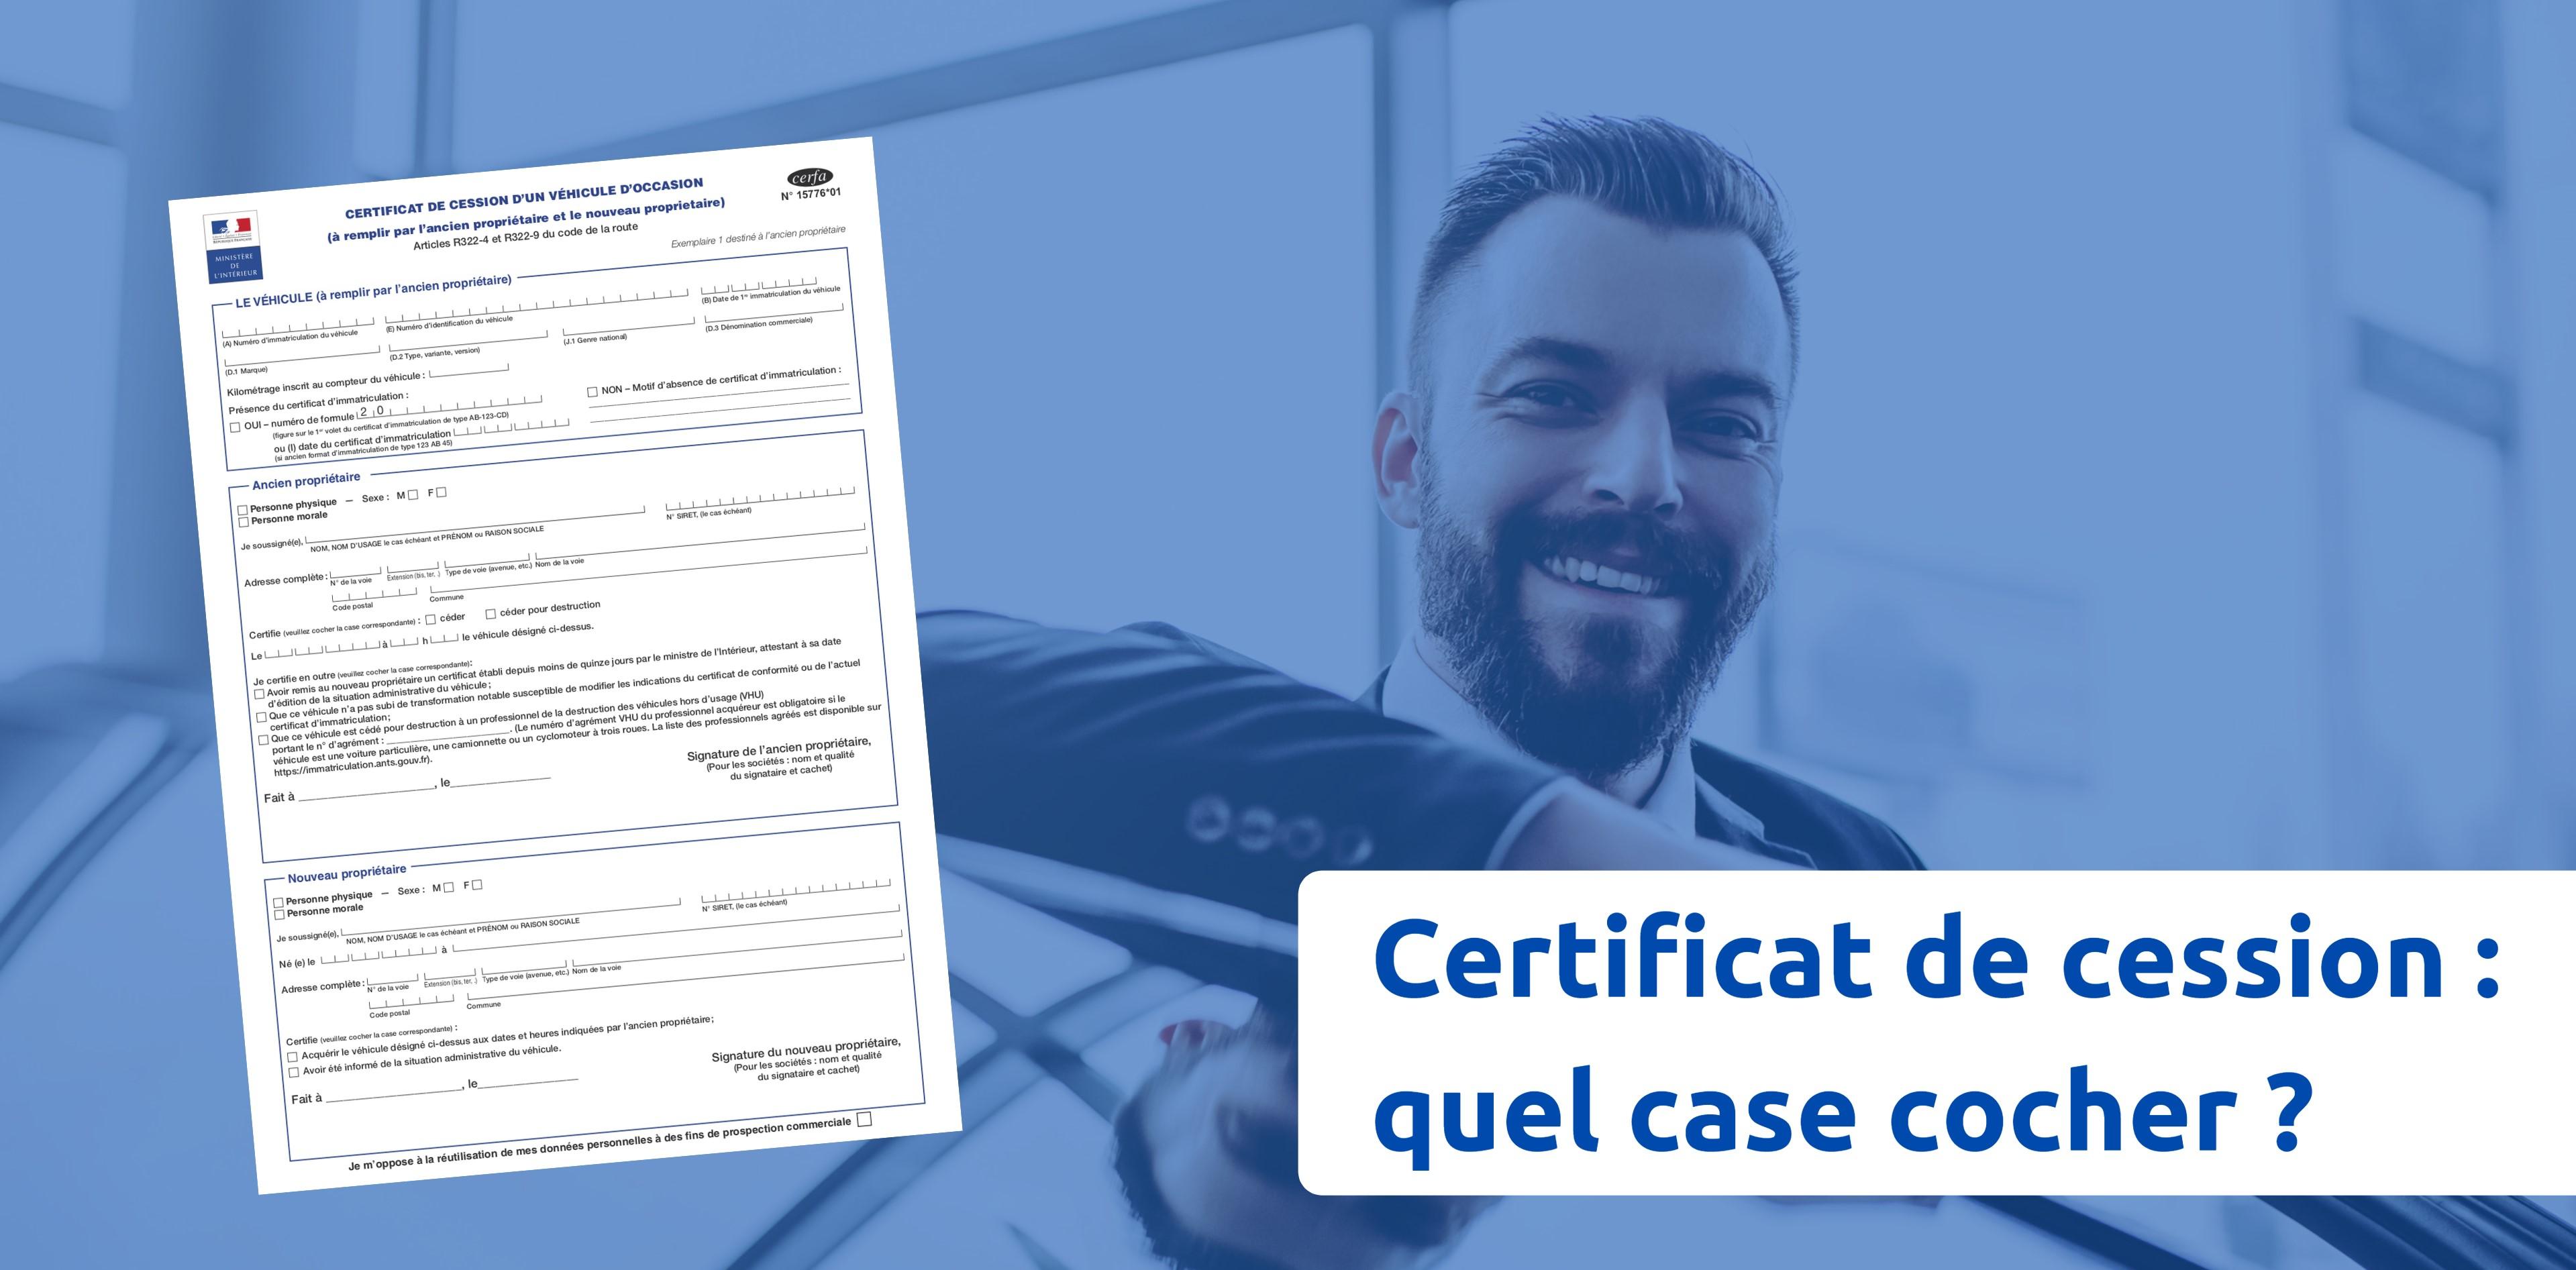 Certificat de cession quel case cocher